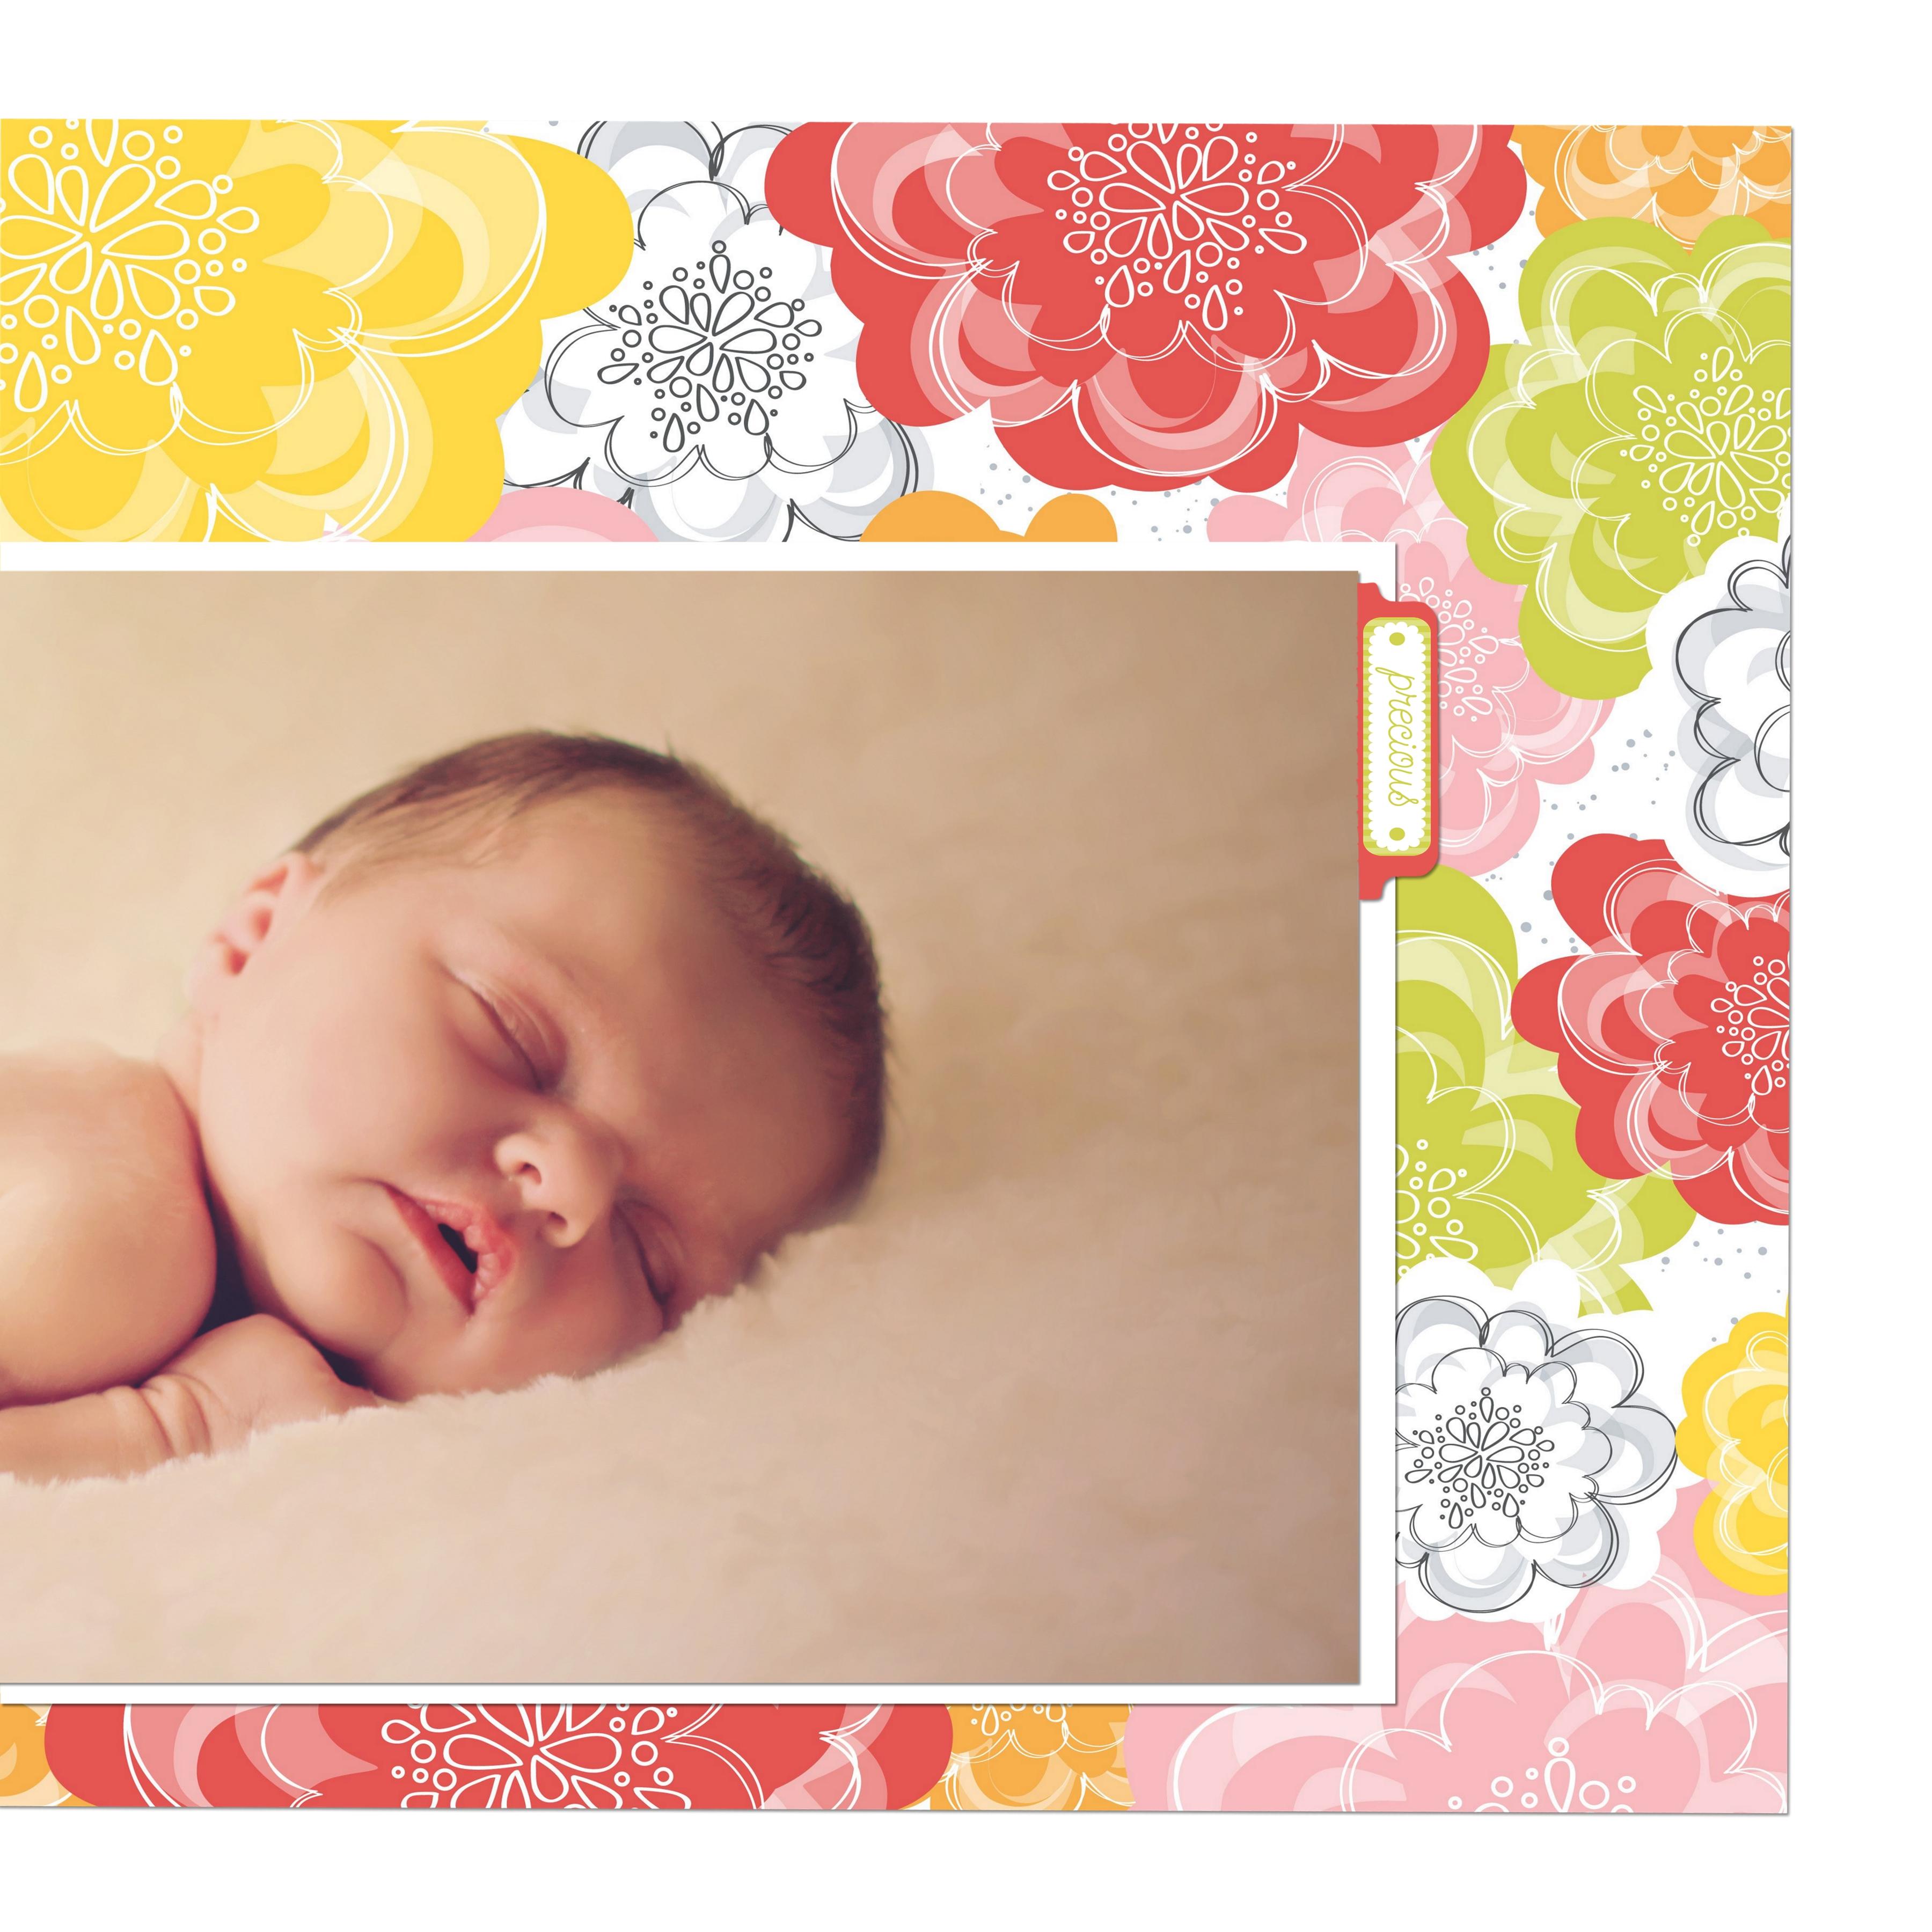 BabyGirl - Page 005.jpg